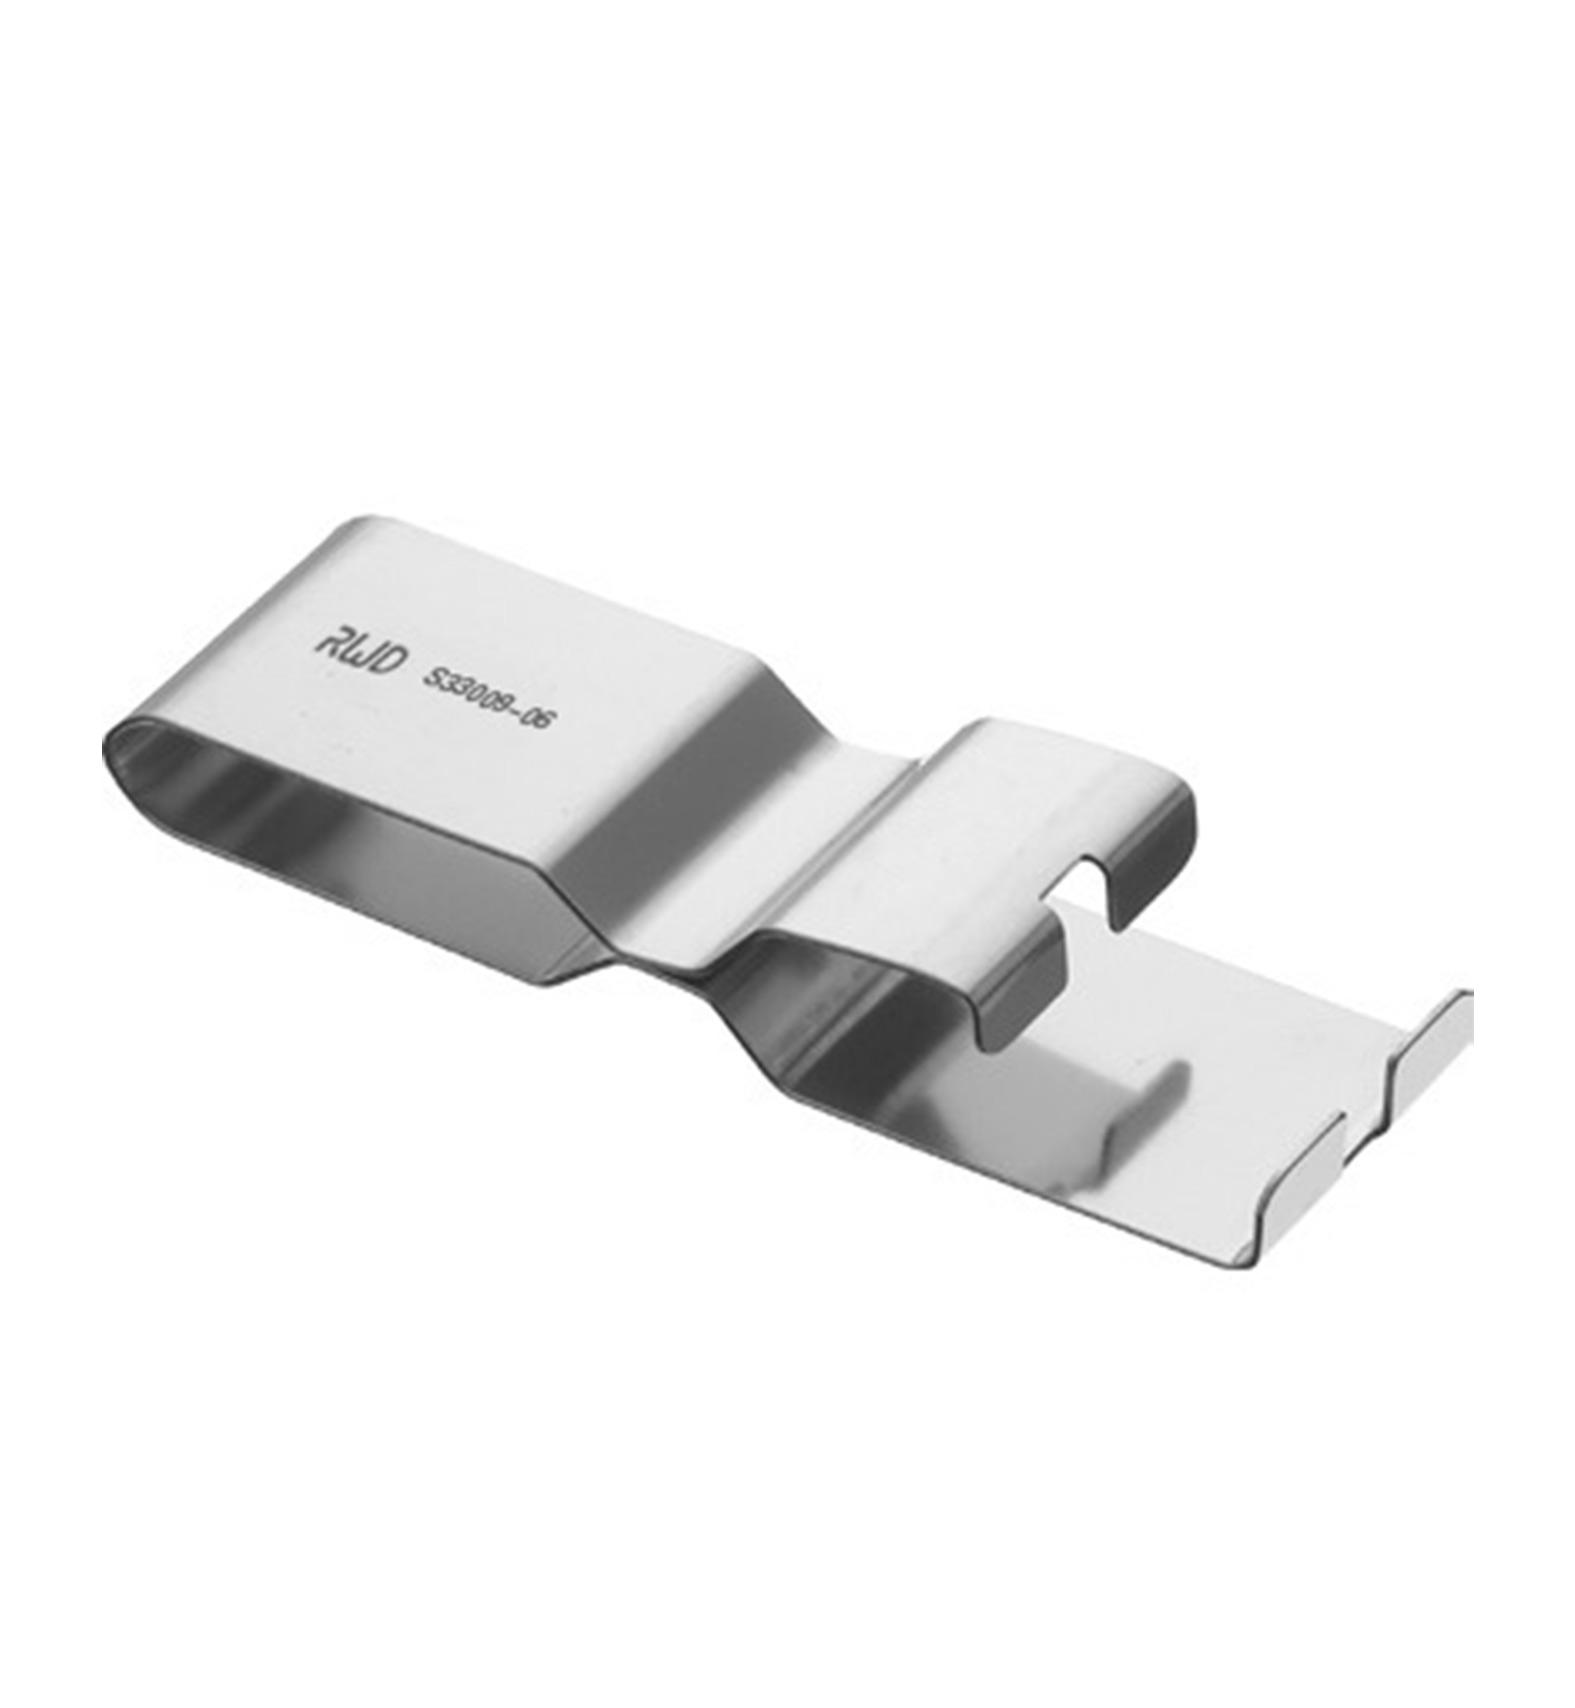 刀片拆卸器-6.5cm